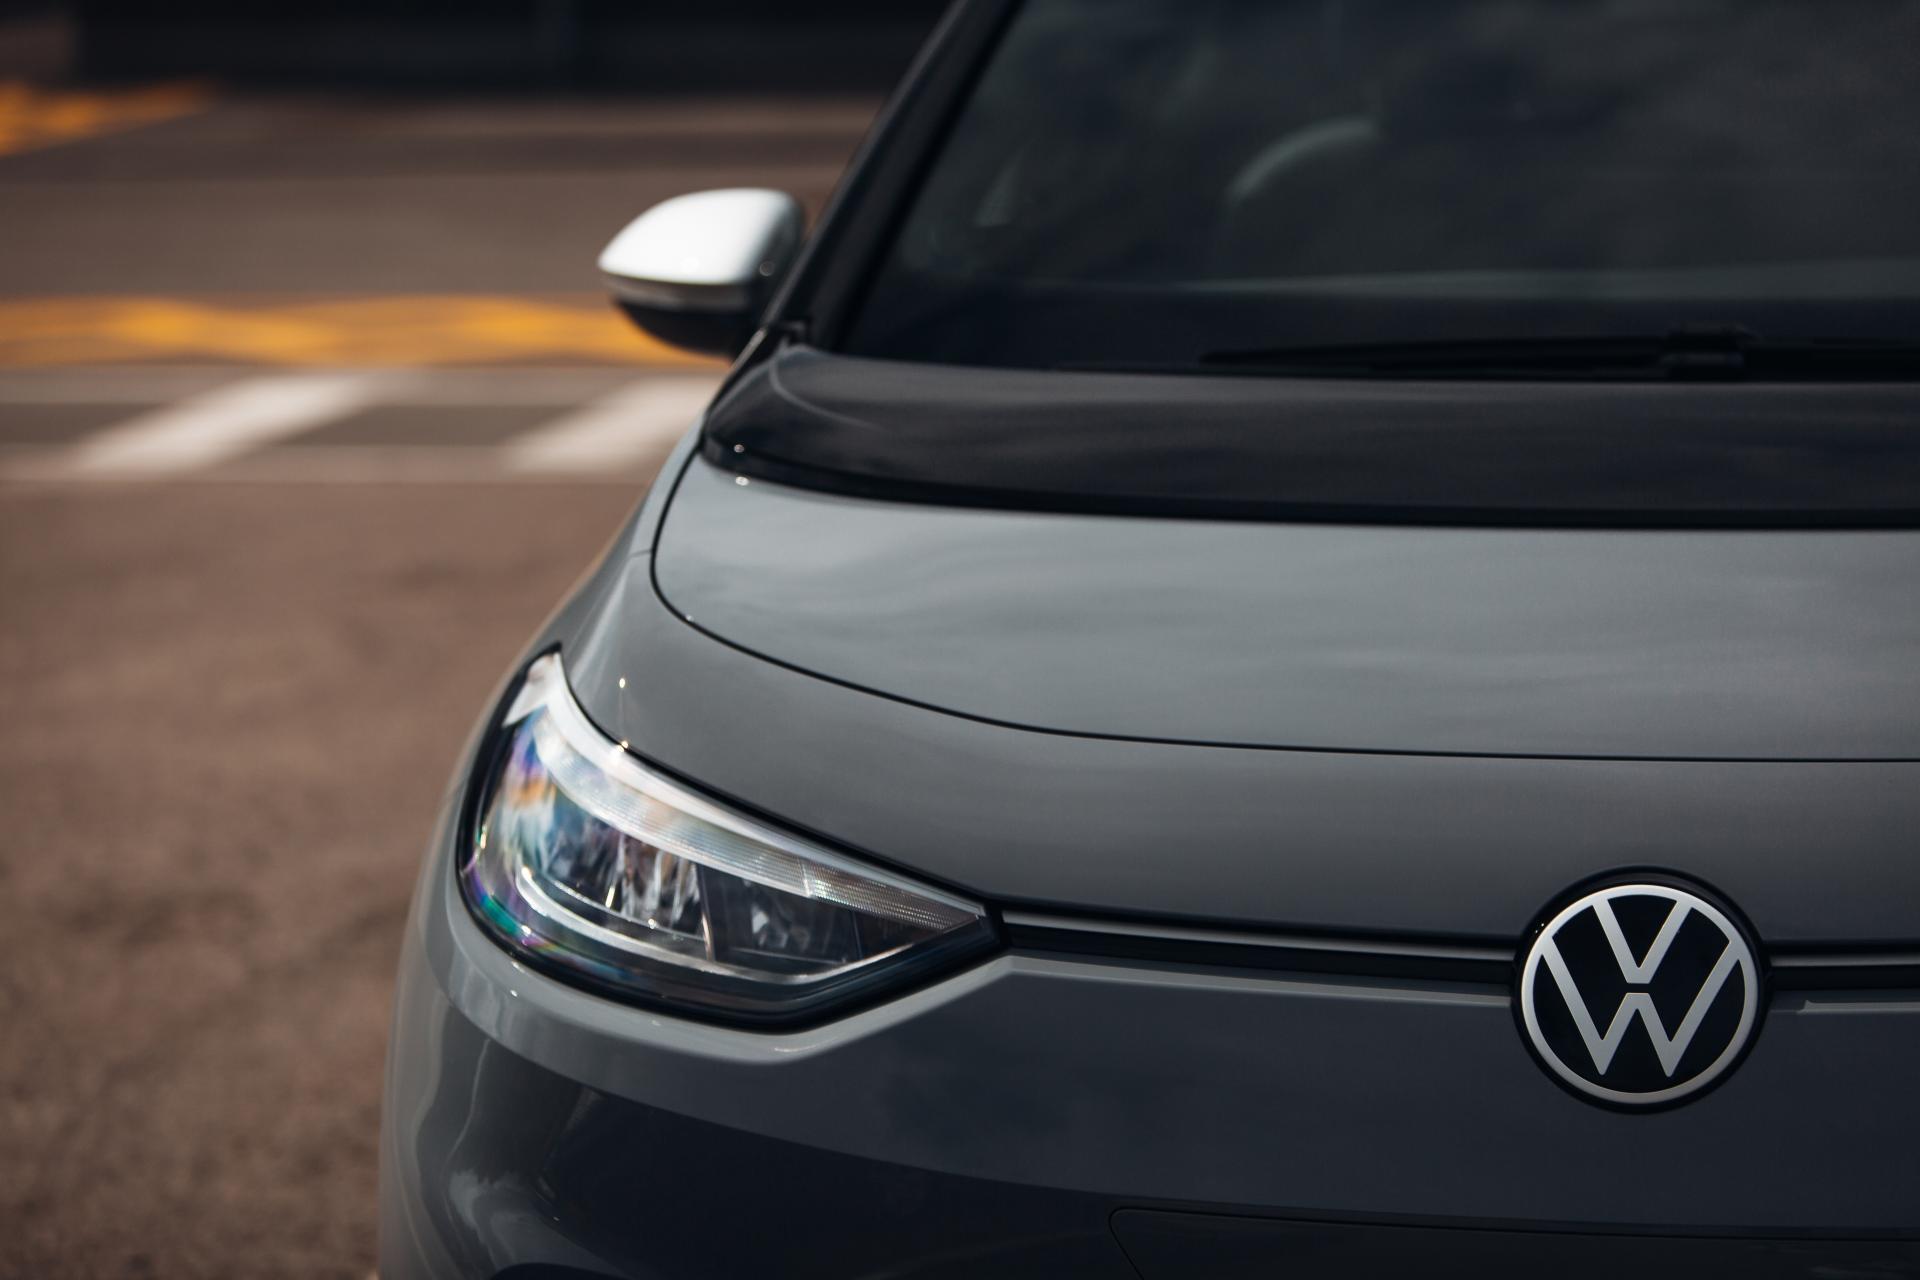 VW ID.3 verzeichnet mehr als 55.000 Bestellungen in 2020 / Hälfte ausgeliefert